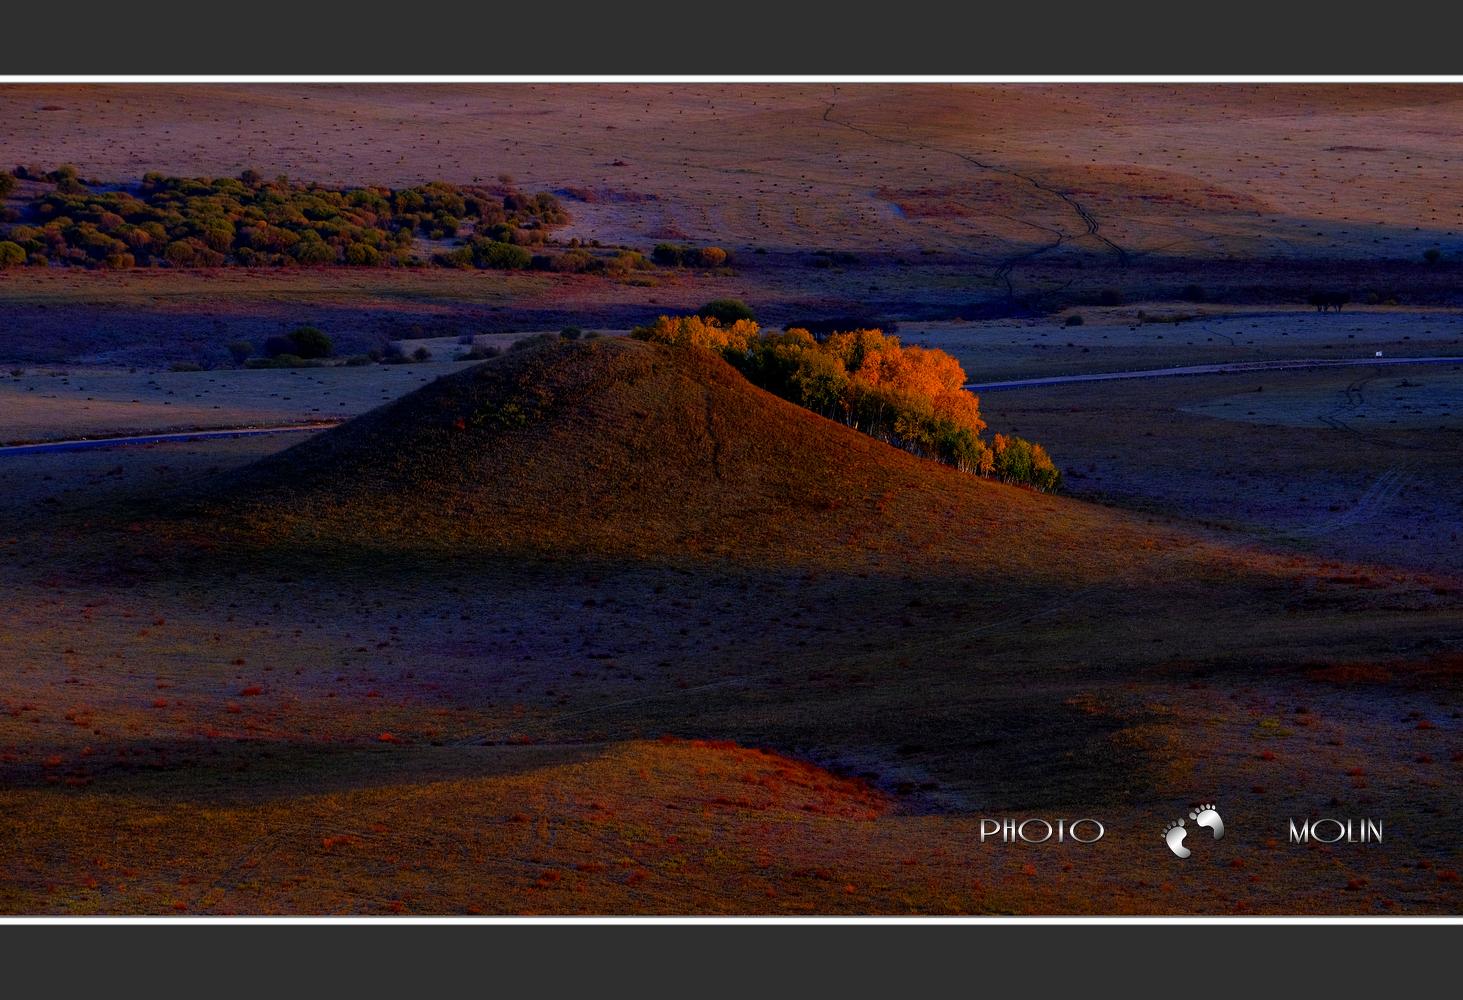 墨林作品:秋天的红山军马场